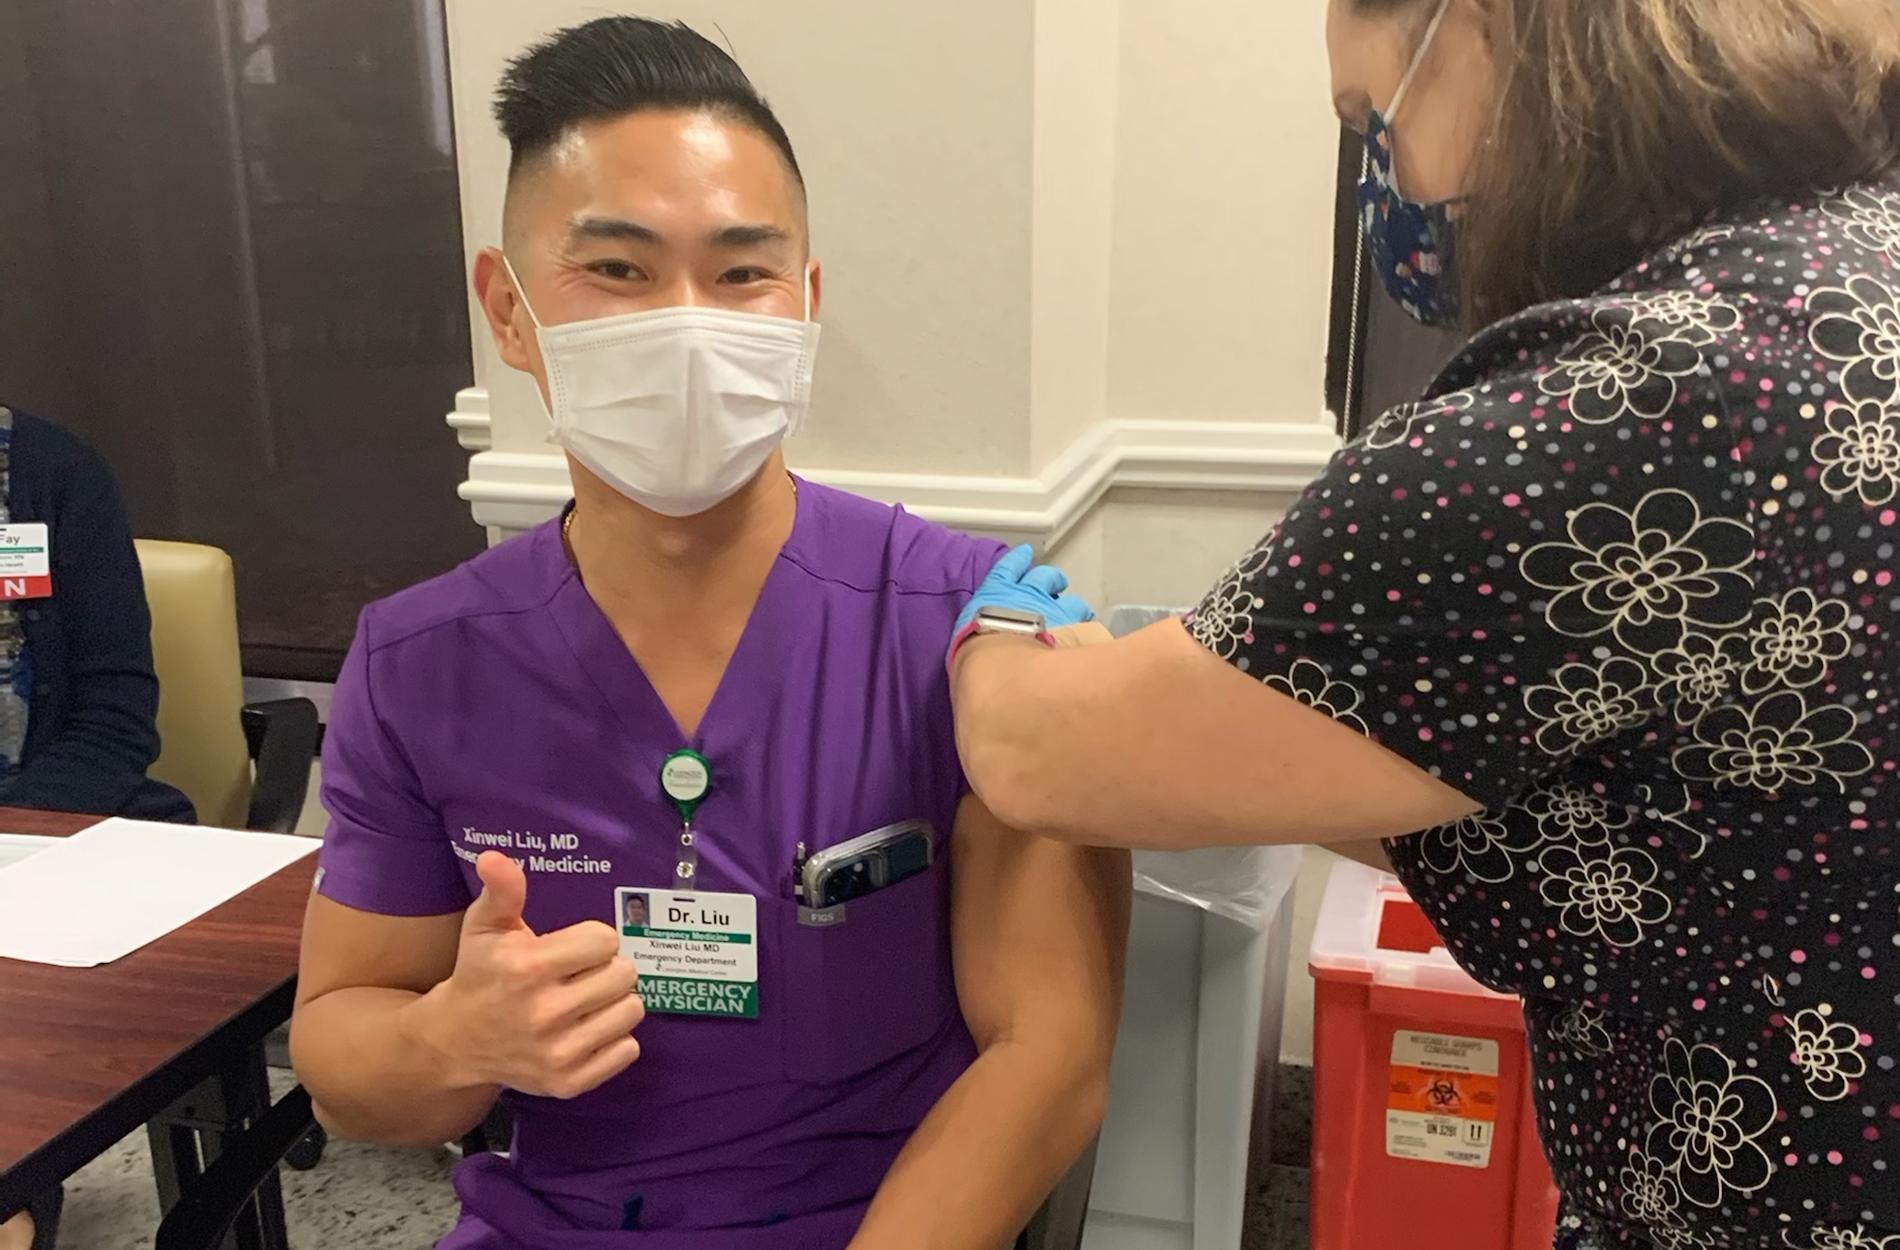 Dr. Liu getting vaccine